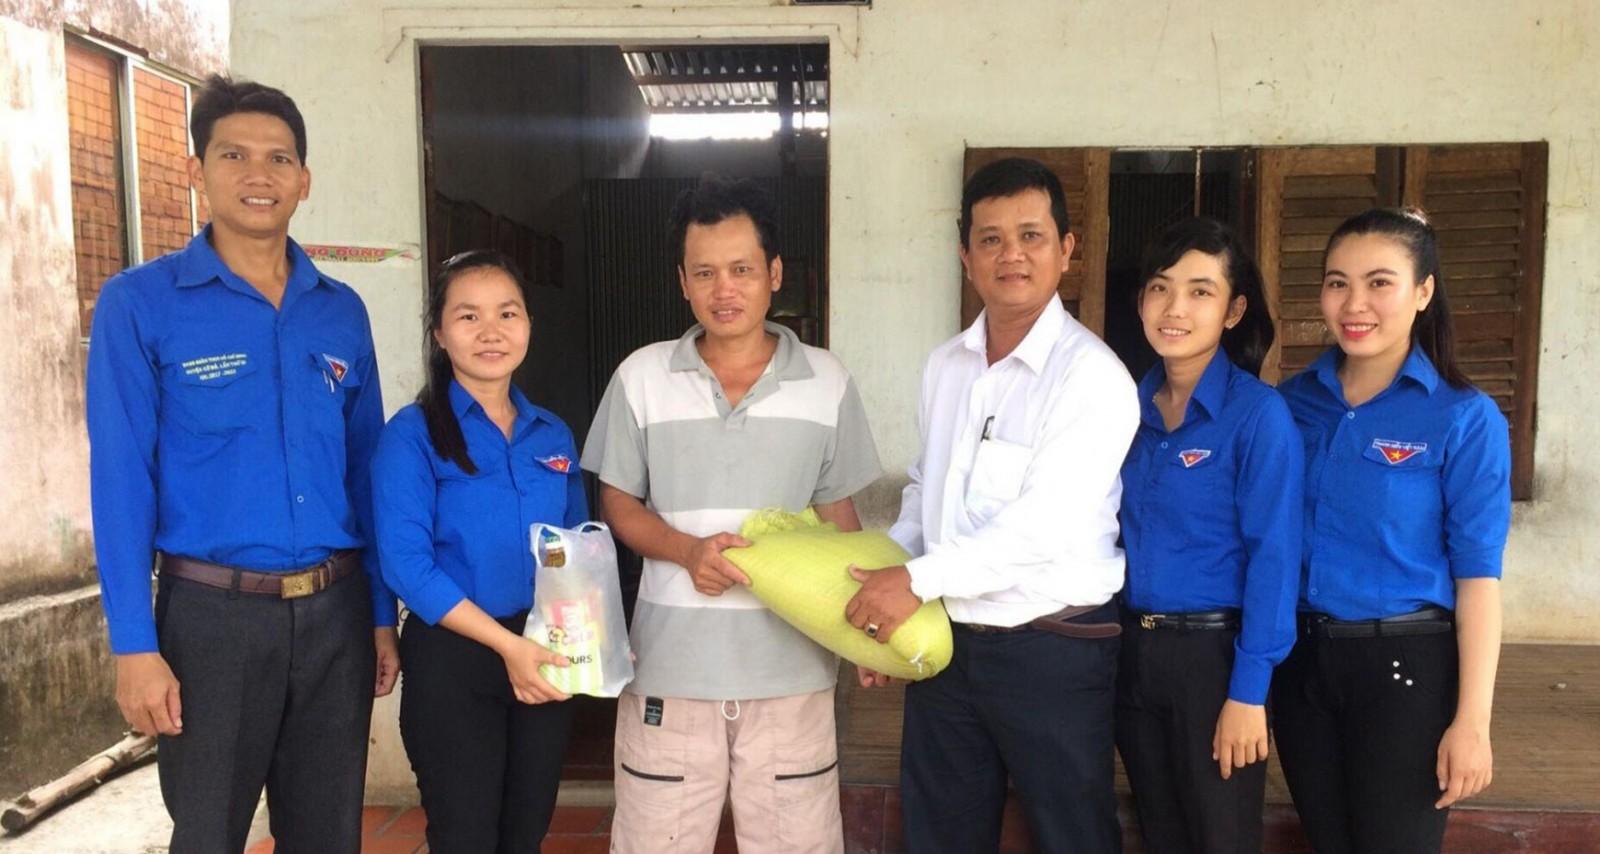 Cán bộ, đoàn viên Chi đoàn Cơ quan đến thăm và tặng quà cho gia đình có hoàn cảnh khó khăn. Ảnh: CHUNG CƯỜNG